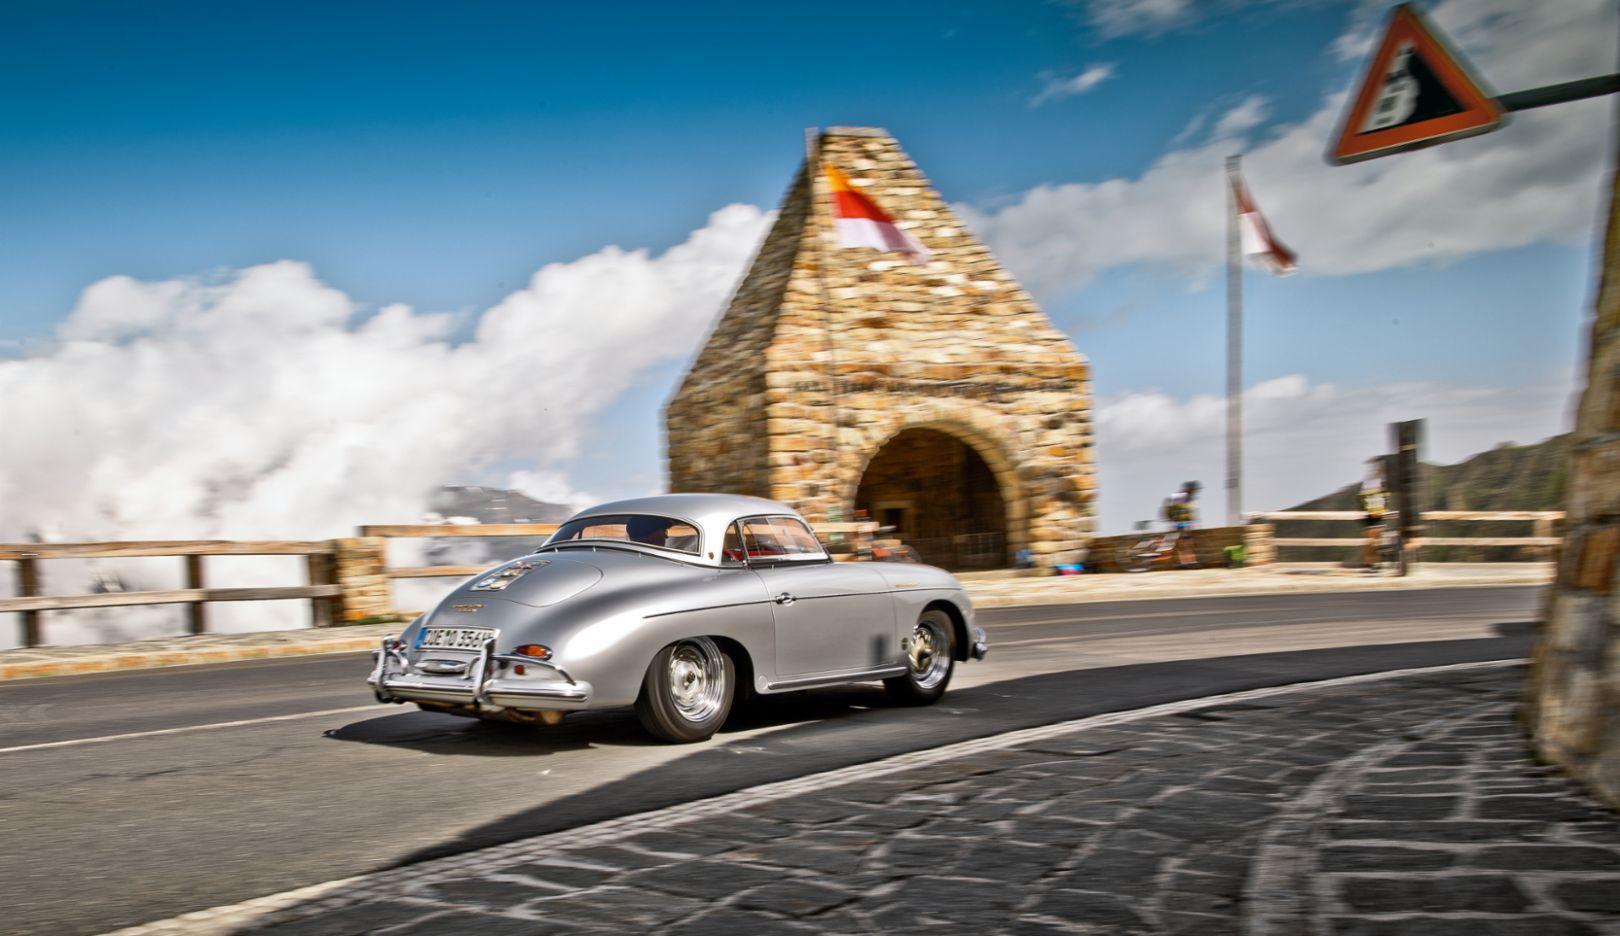 保时捷 356 Speedster